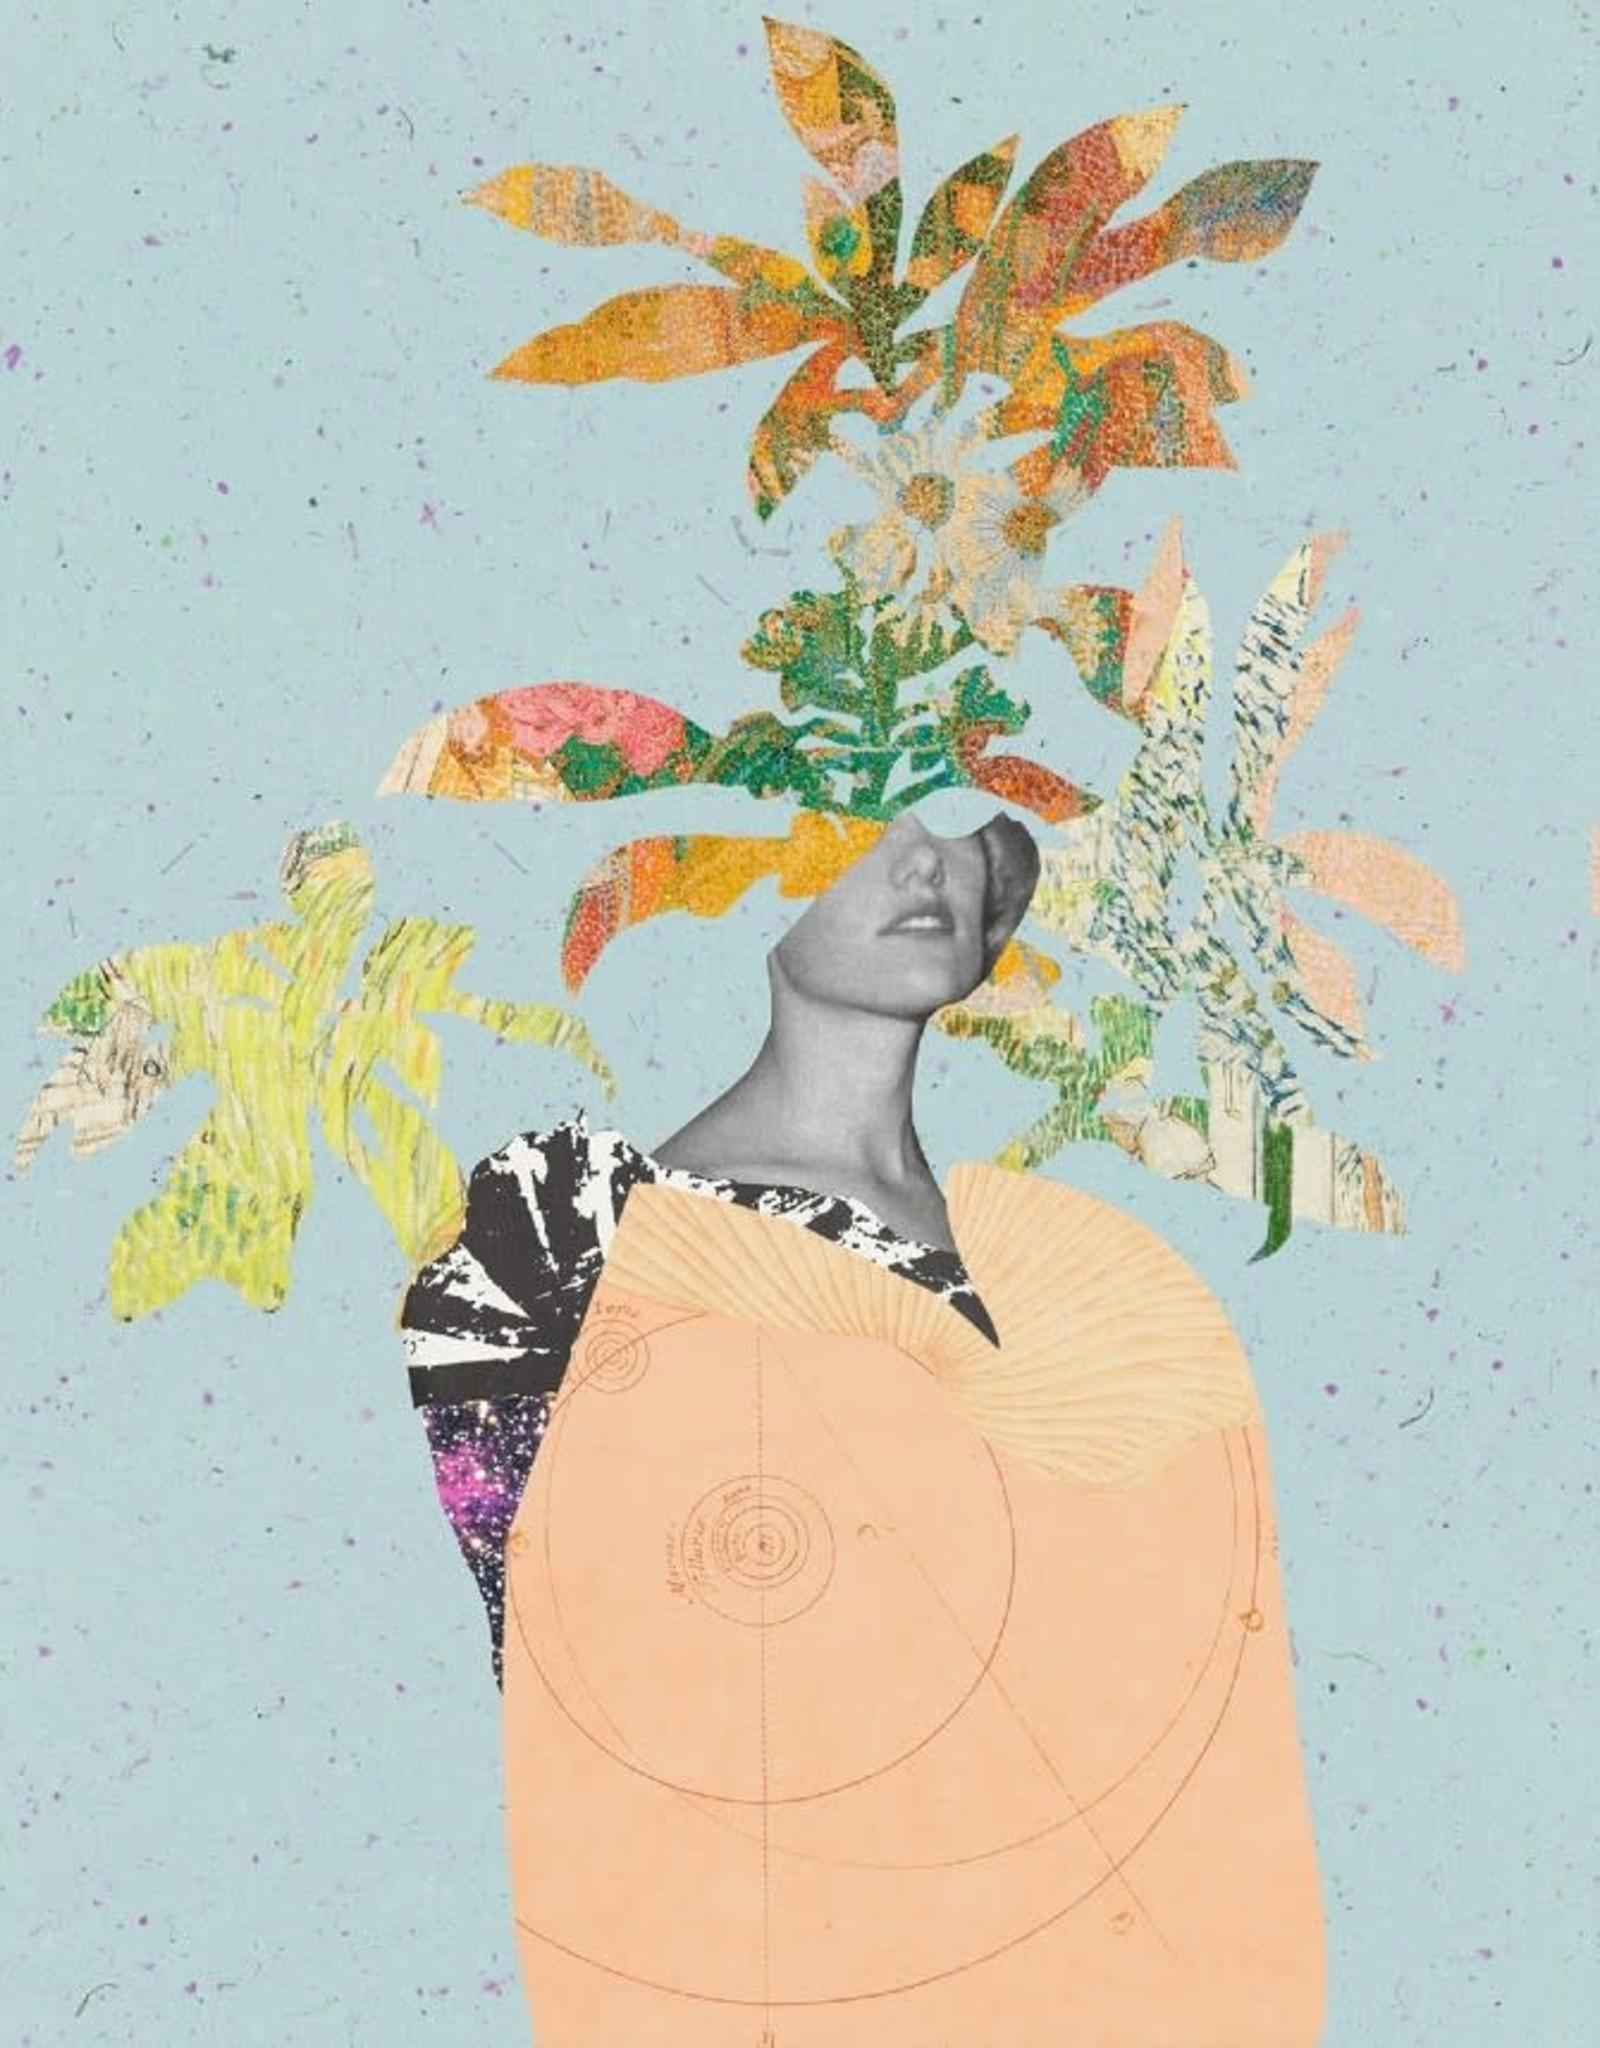 DRÉA Collage Affiche 8.5X11 La Dame aux Camélias Dréa Collage